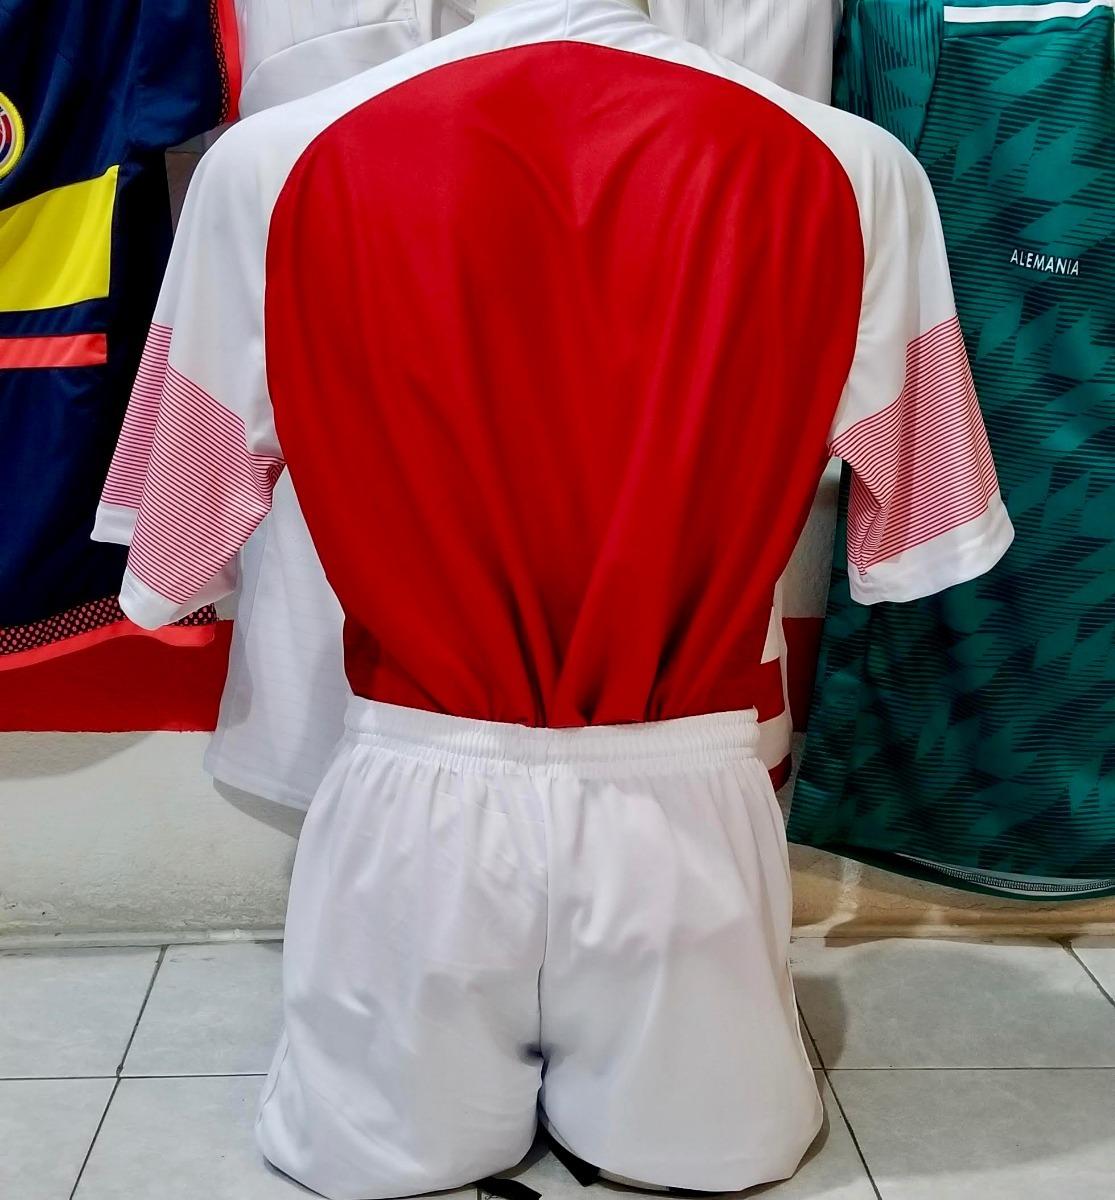 Uniforme De Futbol Arsenal Local 2019 Dri-fit -   399.00 en Mercado ... eea38e12d